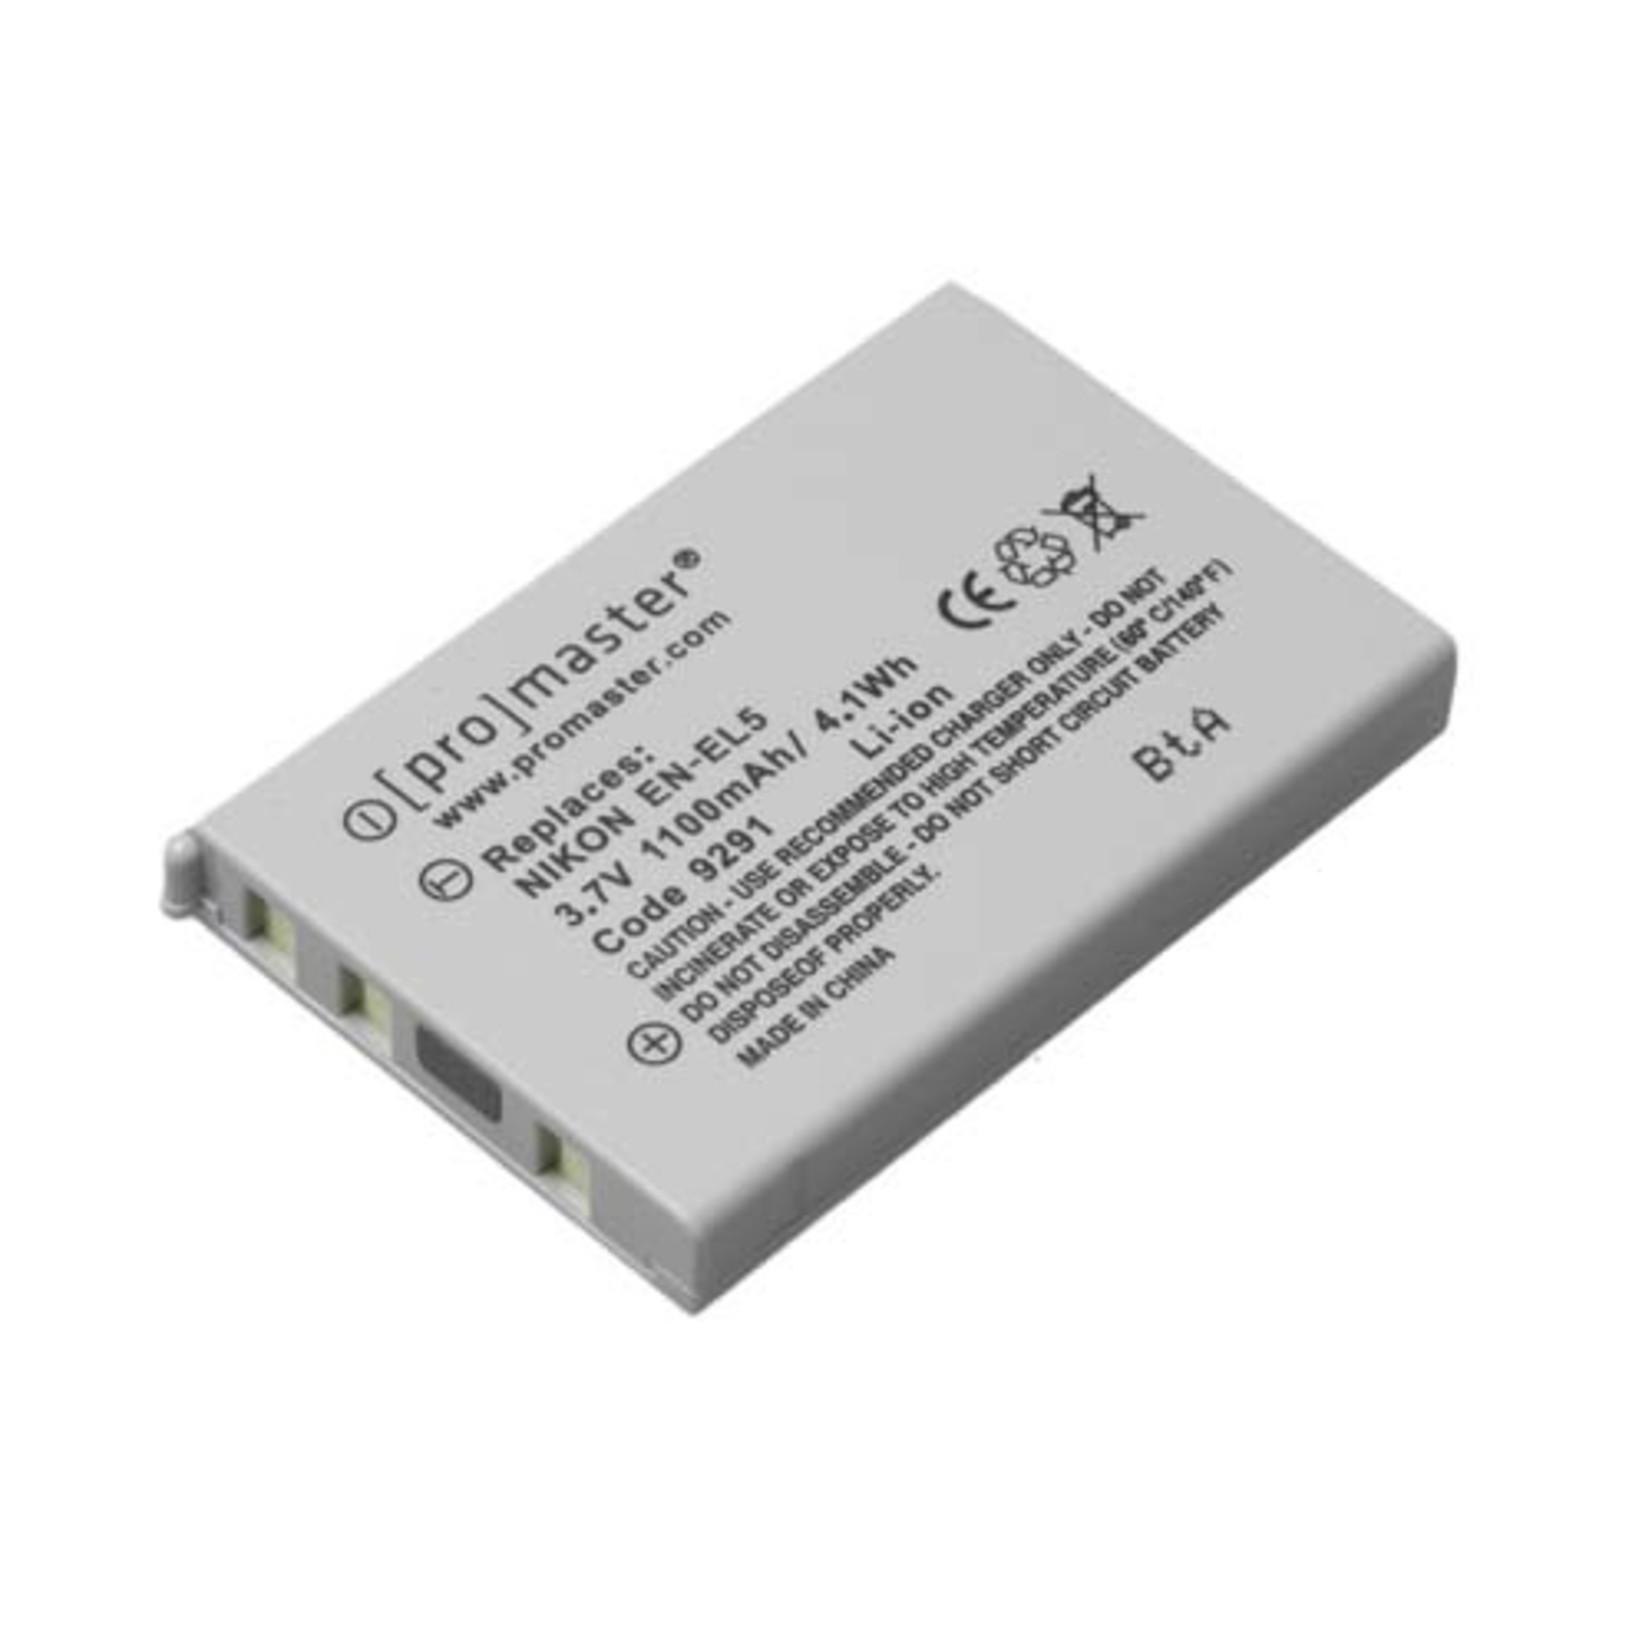 ProMaster Li-ion Battery for Nikon EN-EL5